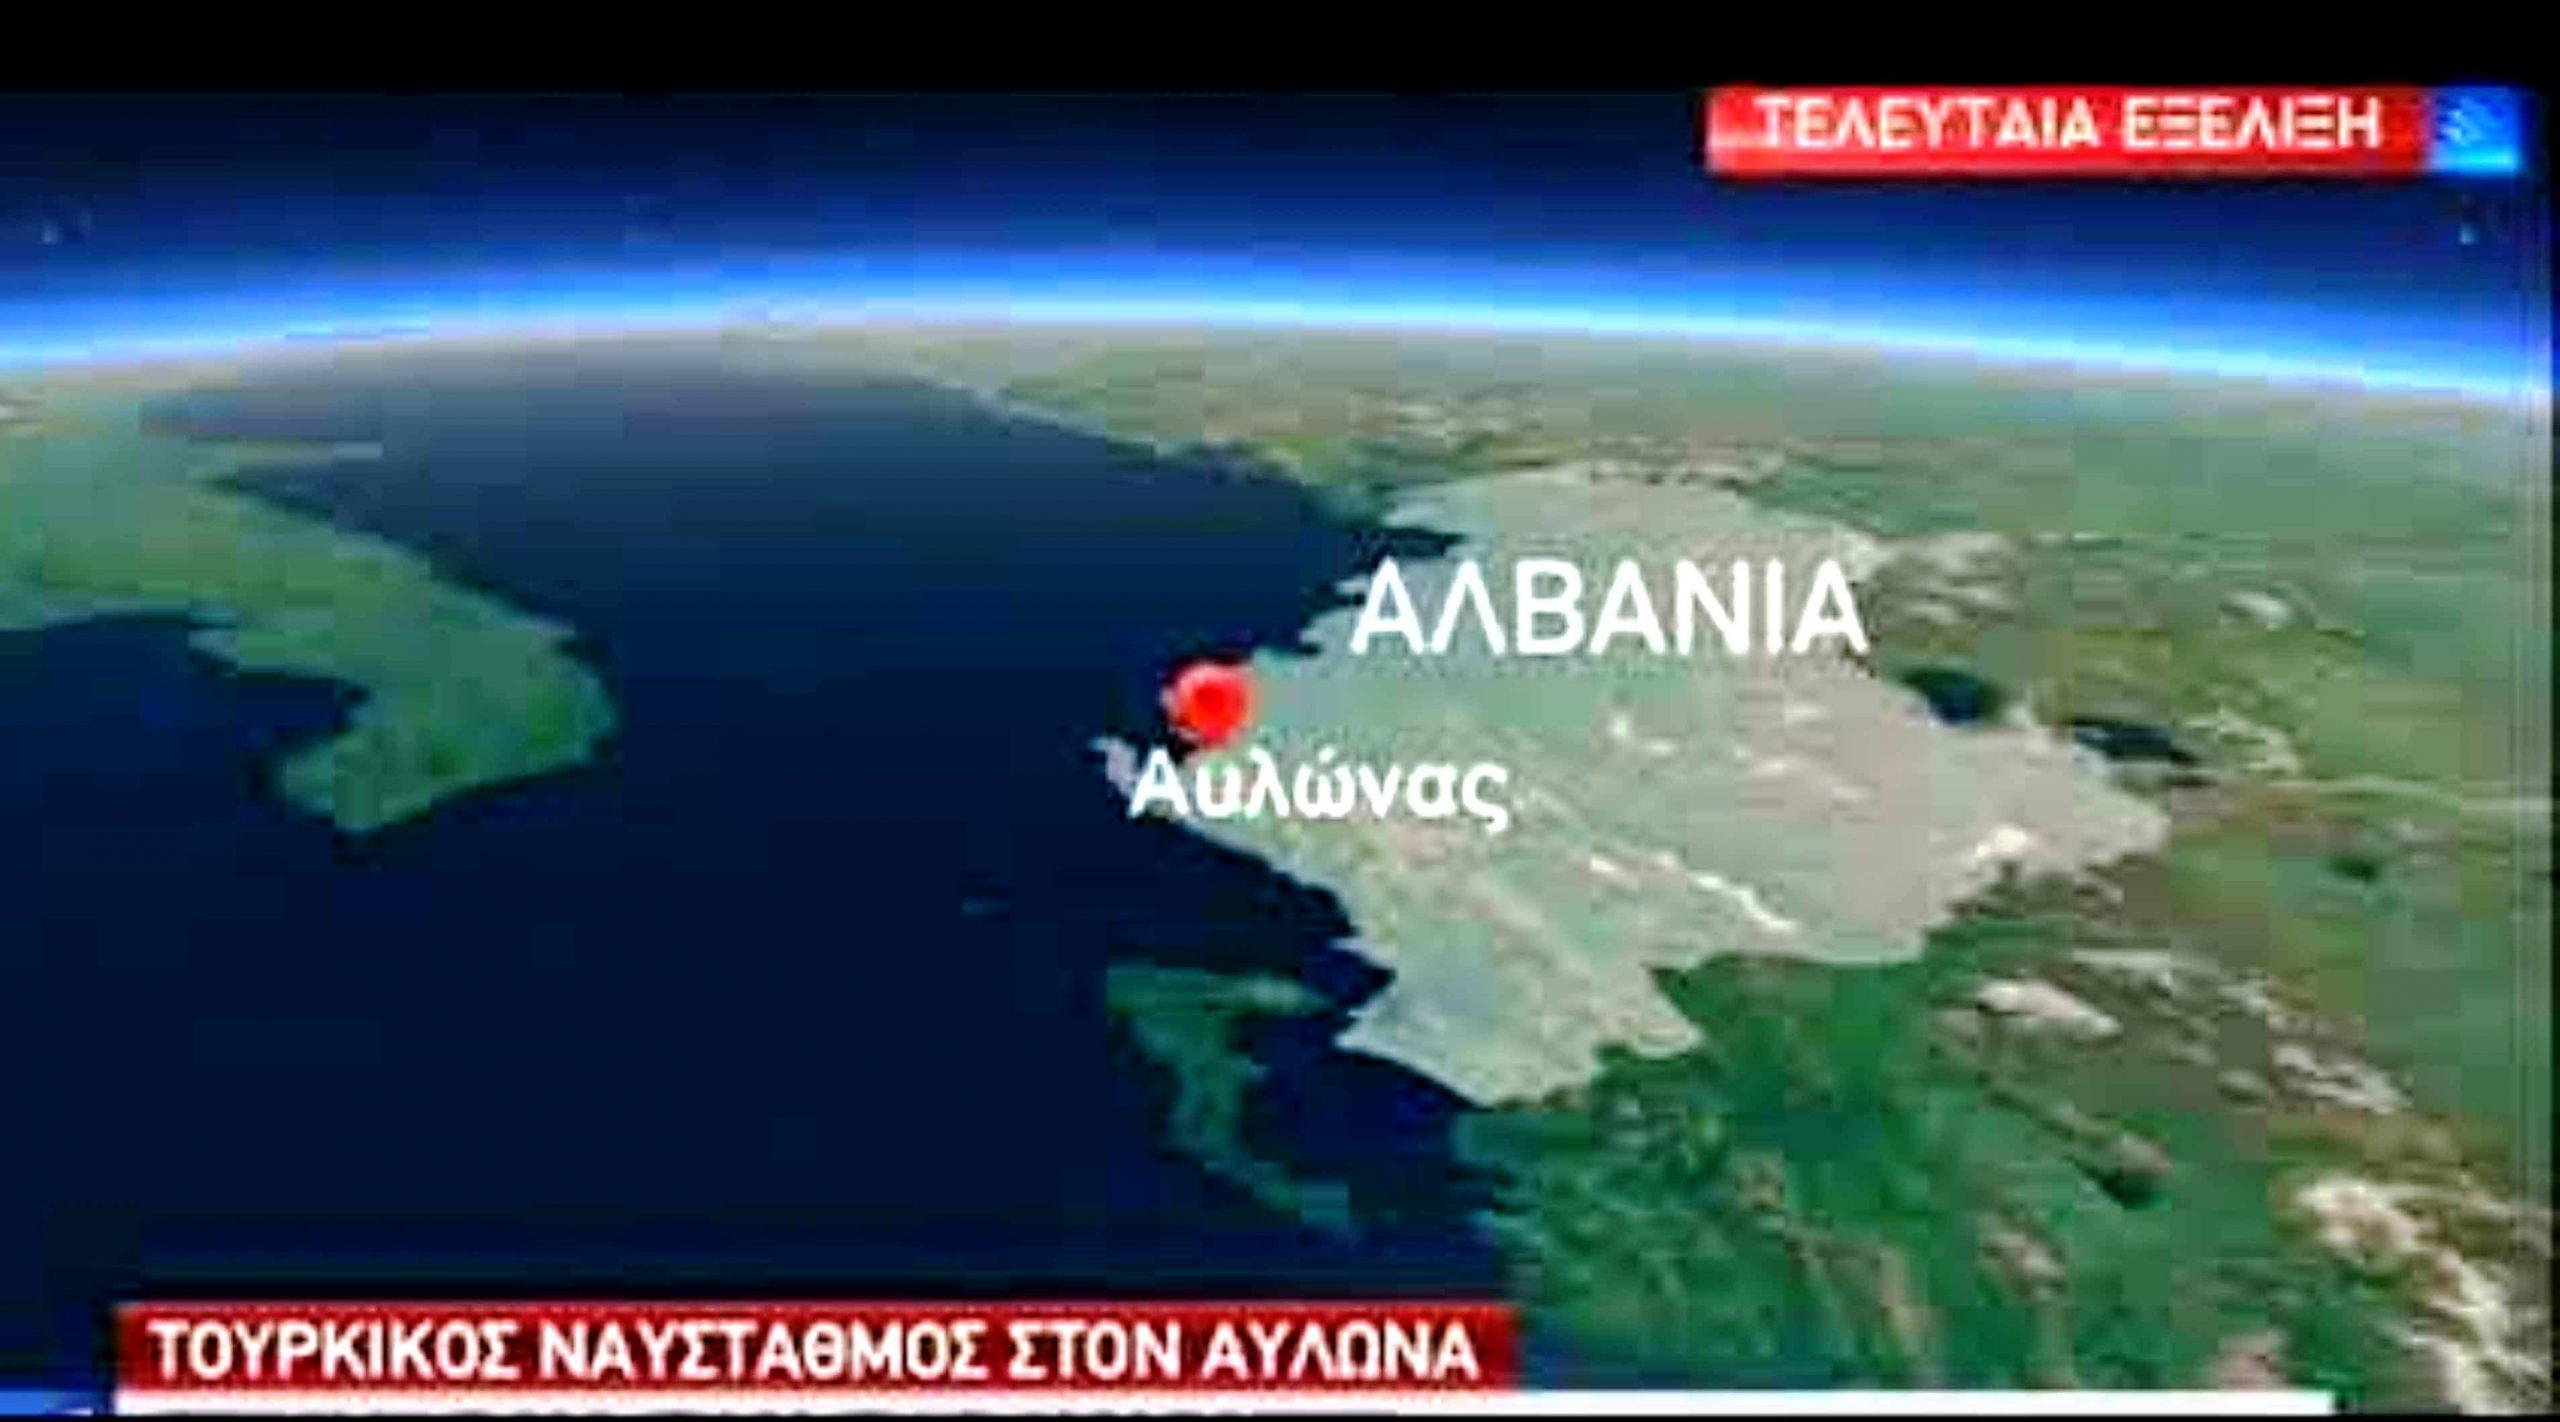 Έχει εξωτερική και αμυντική πολιτική η Ελλάδα; (και ο κίνδυνος του πολέμου)